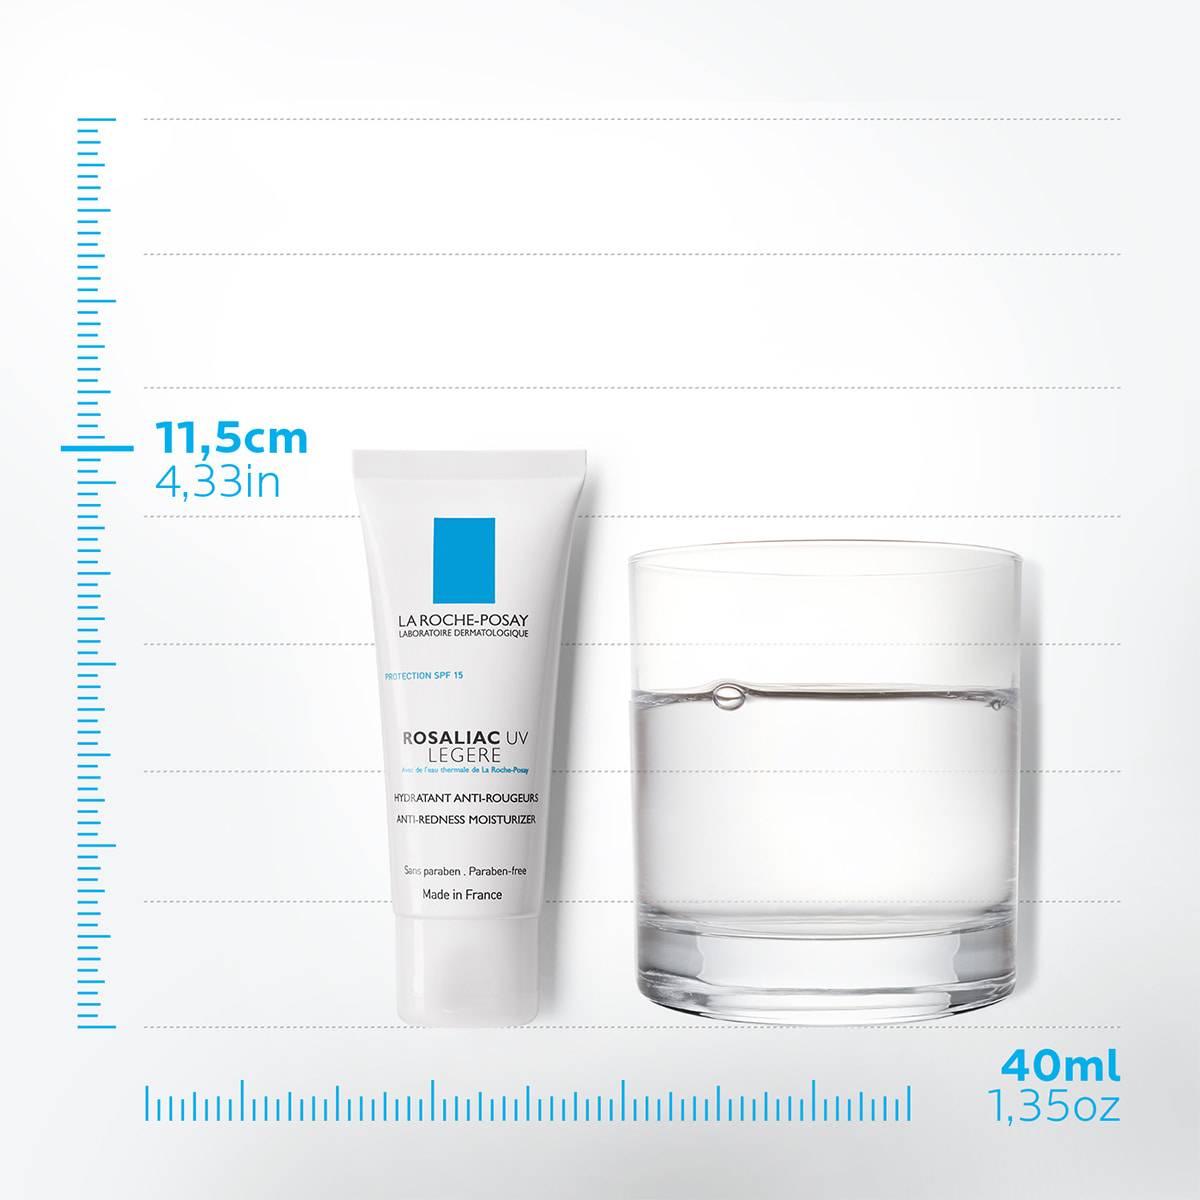 Pielęgnacja twarzy Rosaliac UV Light Spf15 40 ml 7 | La Roche Posay